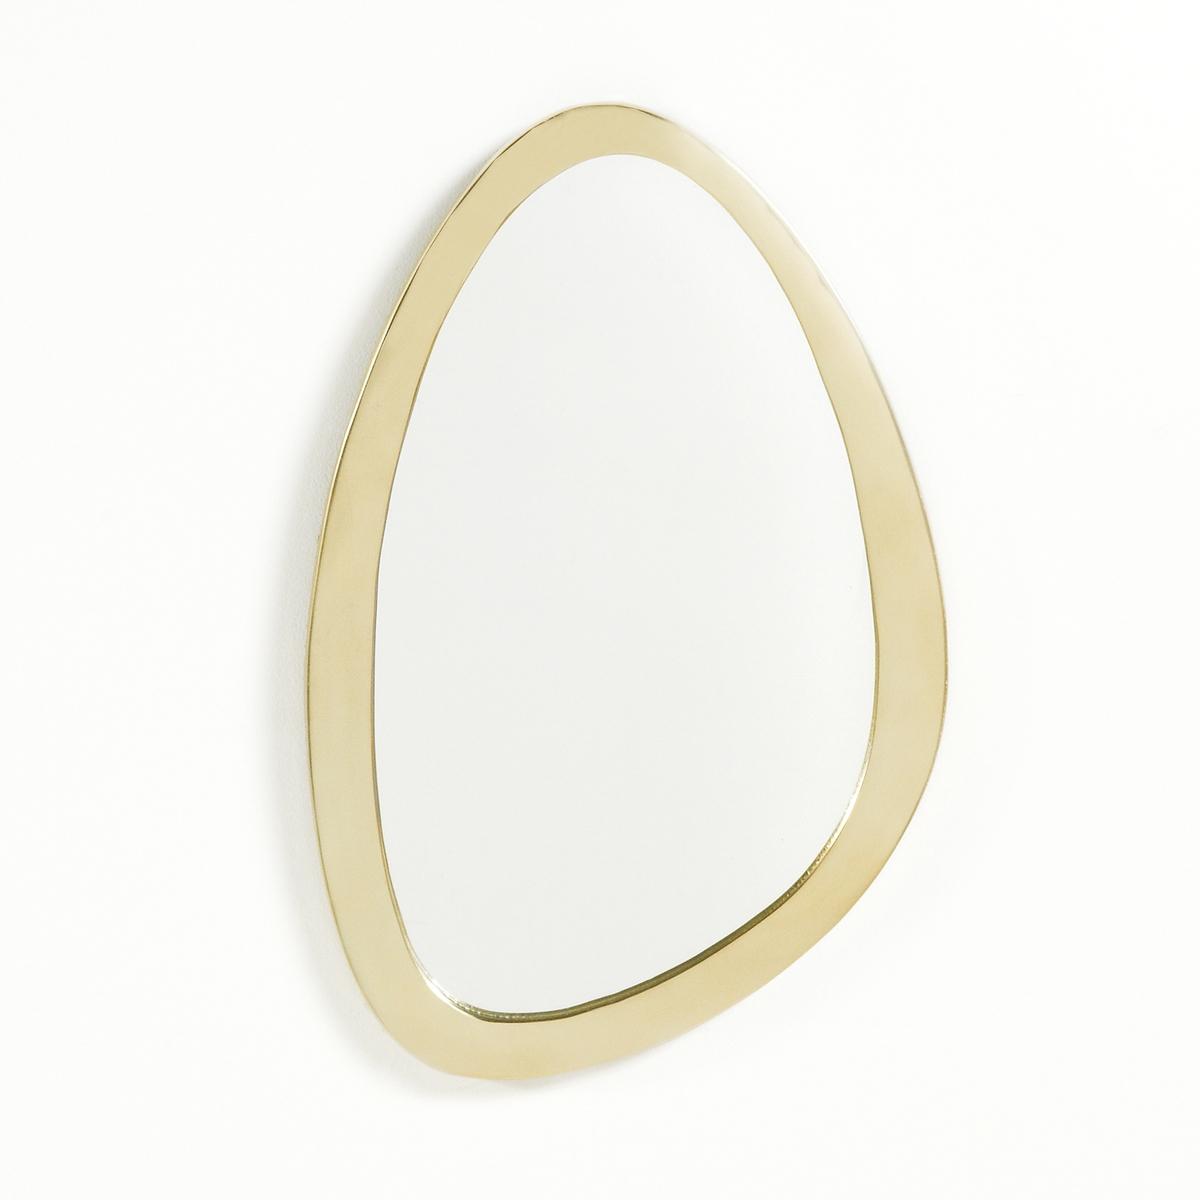 Зеркало латунноеЭто оригинальное зеркало в стиле 60-х удивит Ваших гостей своим необычным дизайном и подчеркнет Ваш вкус.  Характеристики зеркала  :Литая алюминиевая оправа с латунной отделкой.2 крючка для крепления на стену (горизонтально или вертикально)- Шурупы и дюбеля продаются отдельно  Размеры зеркала  :Д26 x В40 смНайдите всю нашу коллекцию декоративных зеркал на сайте laredoute.ru  Для размера на 180 на 140 см: длина 180 см, ширина 140 см. Для размера 240 на 140 см: длина 240 см, ширина 140 см. Для размера 350 на 140 см: длина 350 см, ширина 140 см..<br><br>Цвет: латунь